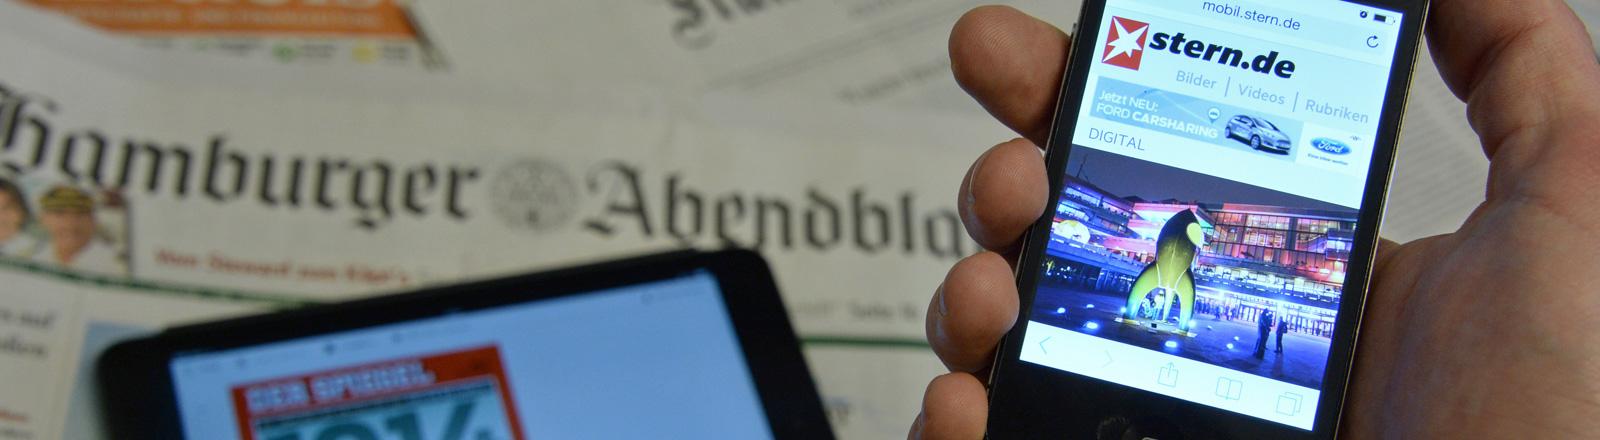 Auf Zeitungen liegt ein Tablet, das eine Ausgabe des Spiegels anzeigt. Außerdem hält eine Hand von rechts ein Smartphone ins Bild, auf dessen Bildschirm das Online-Magazin des Sterns zu sehen ist; Bild: dpa